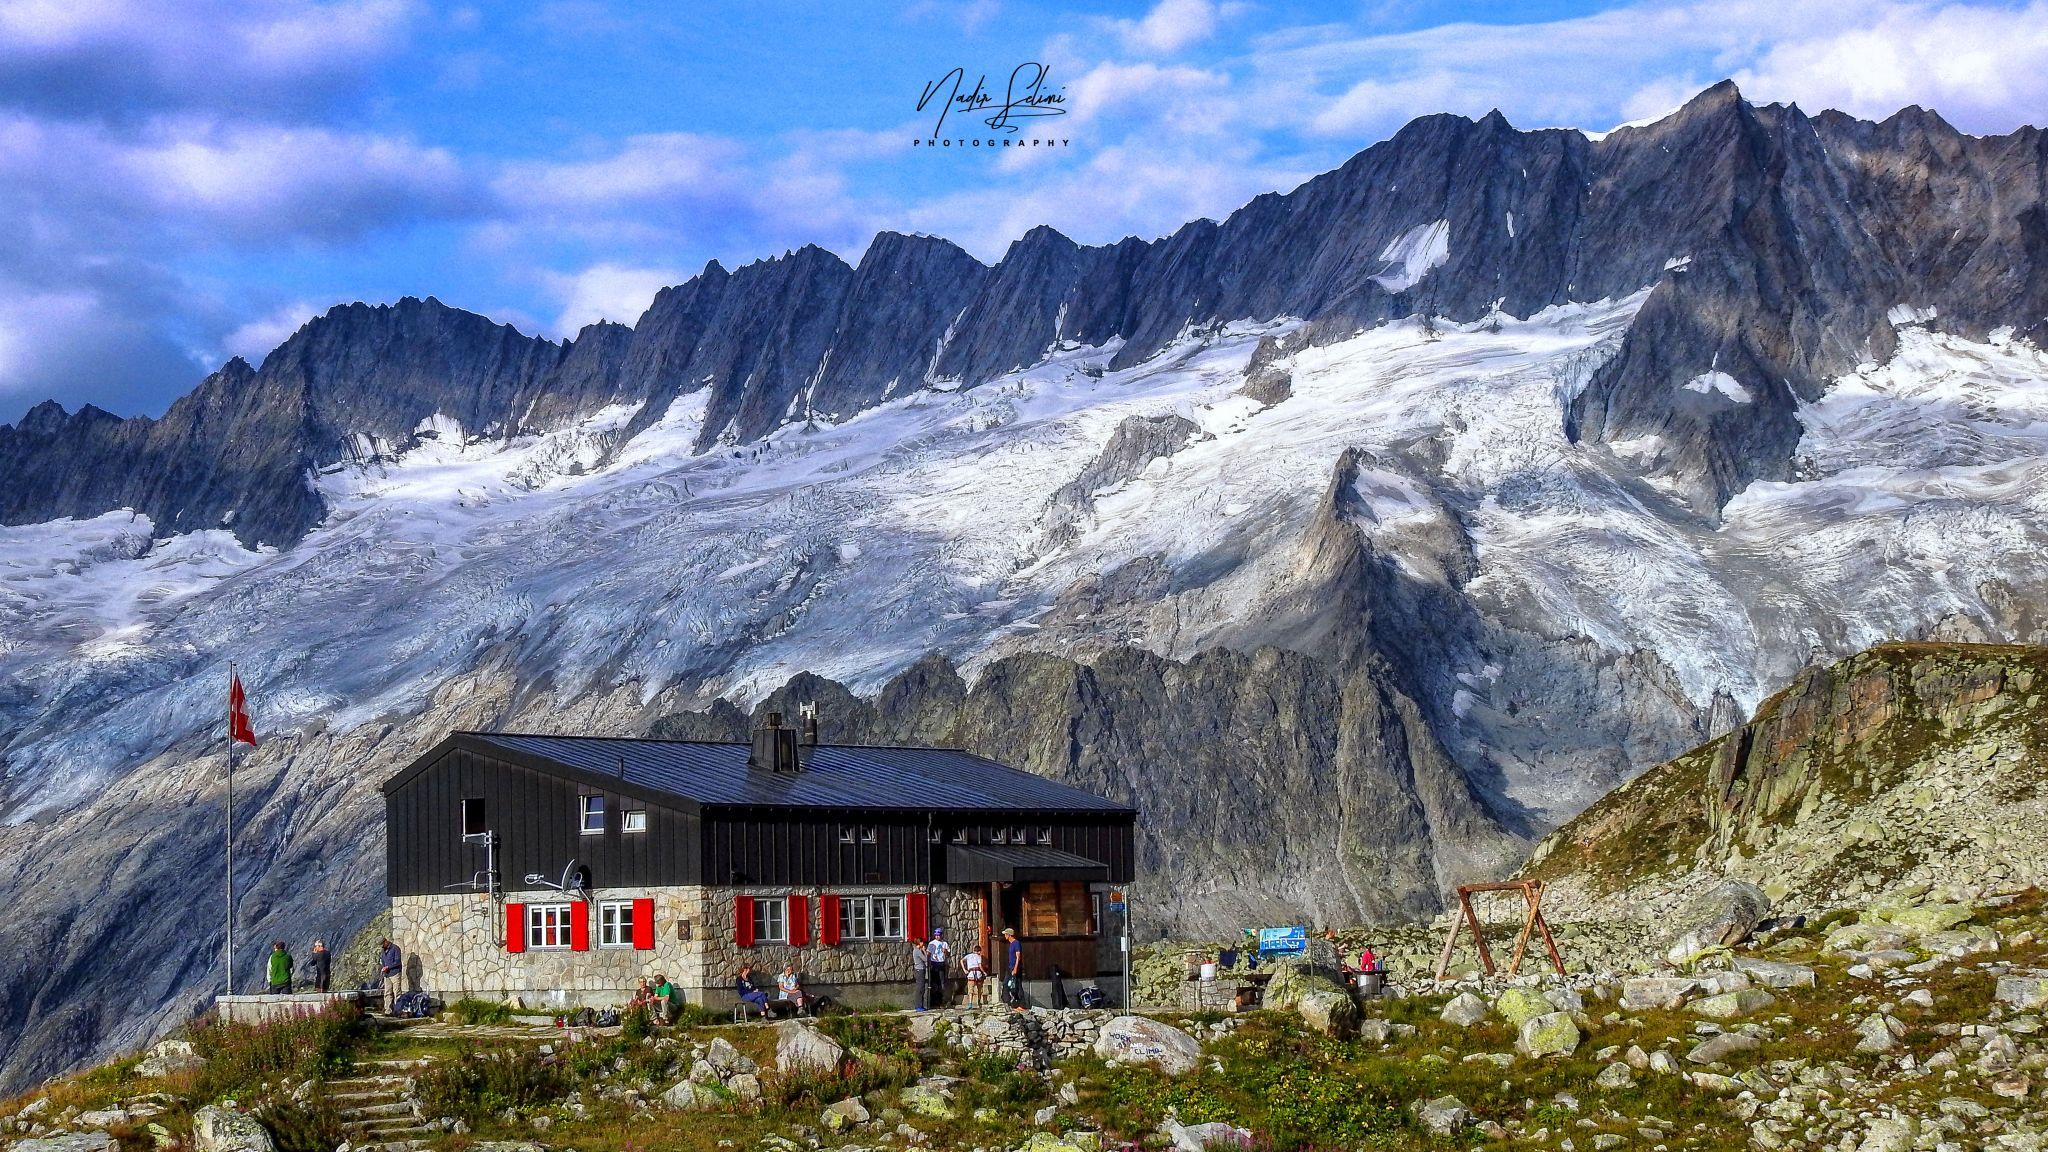 Bergseehütte, Switzerland